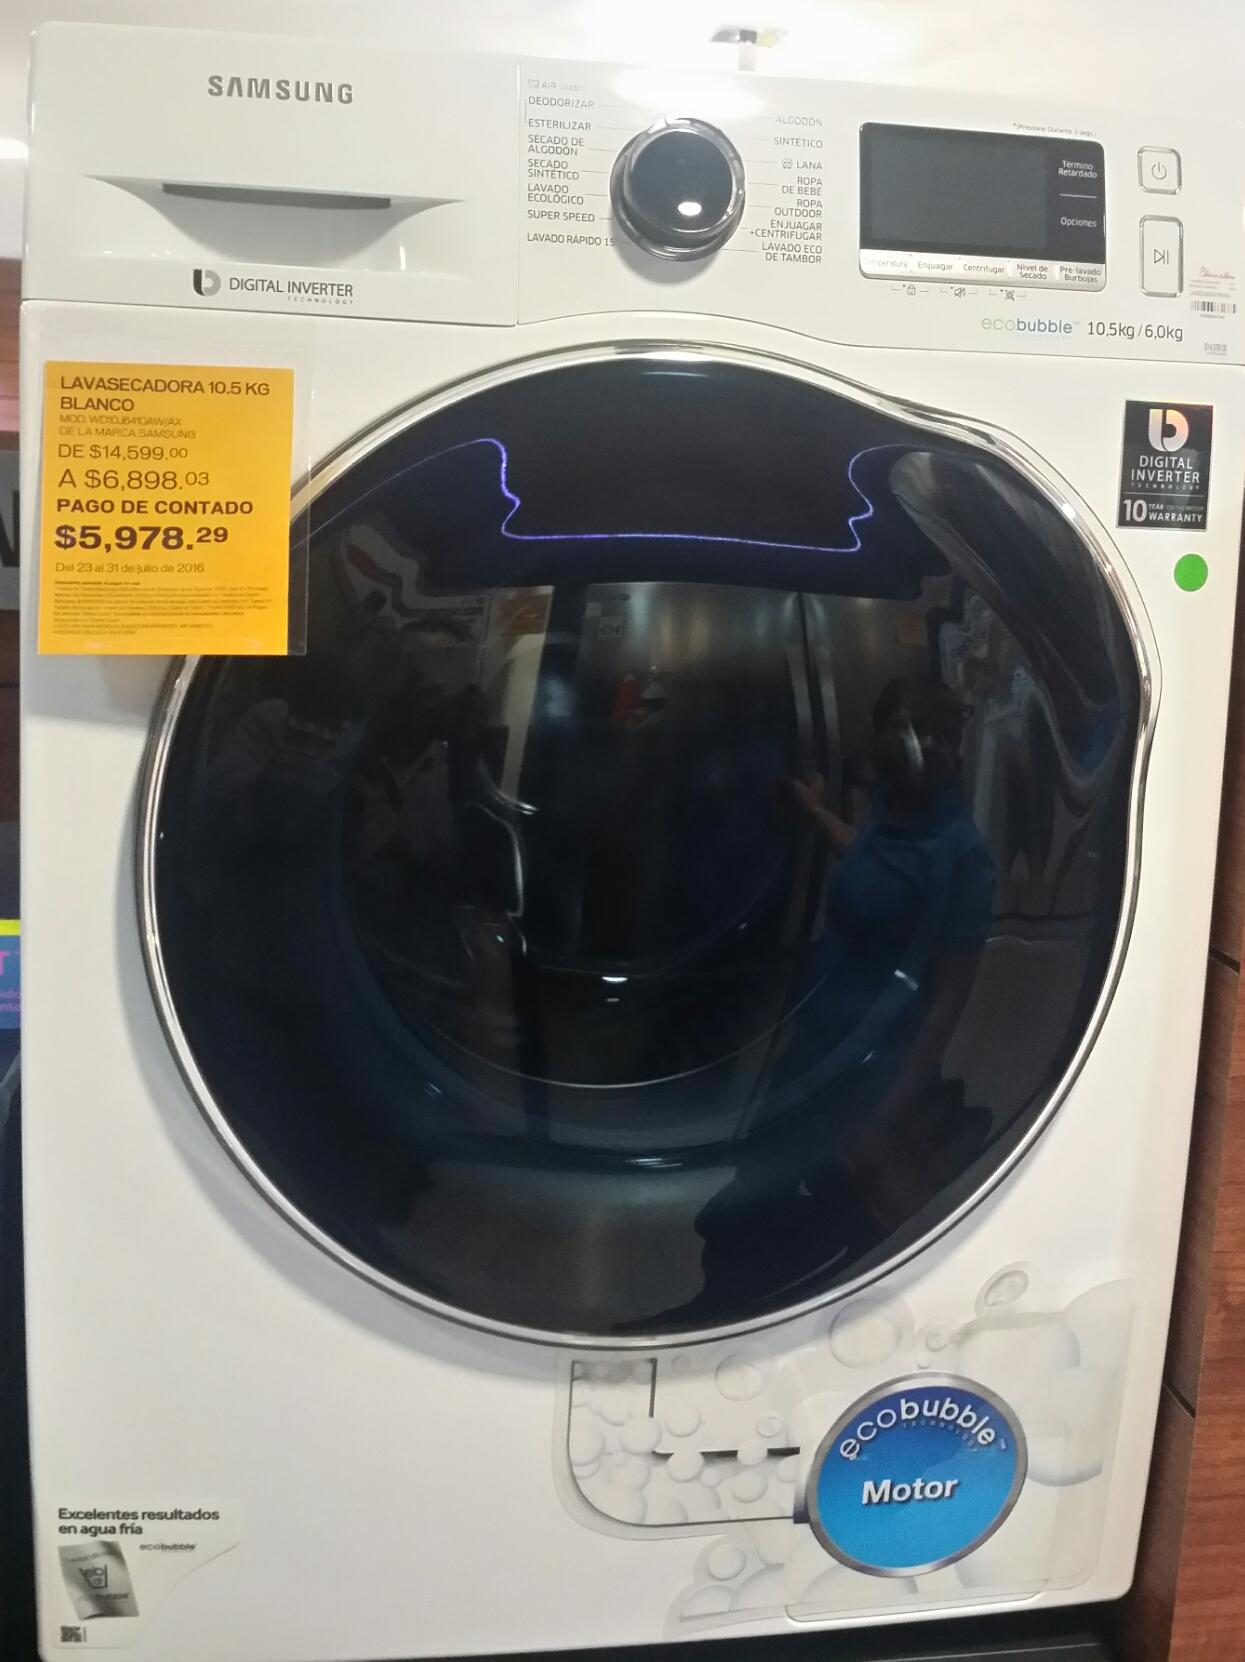 Palacio de Hierro: lavasecadora Samsung de 10.5Kg a $5,978